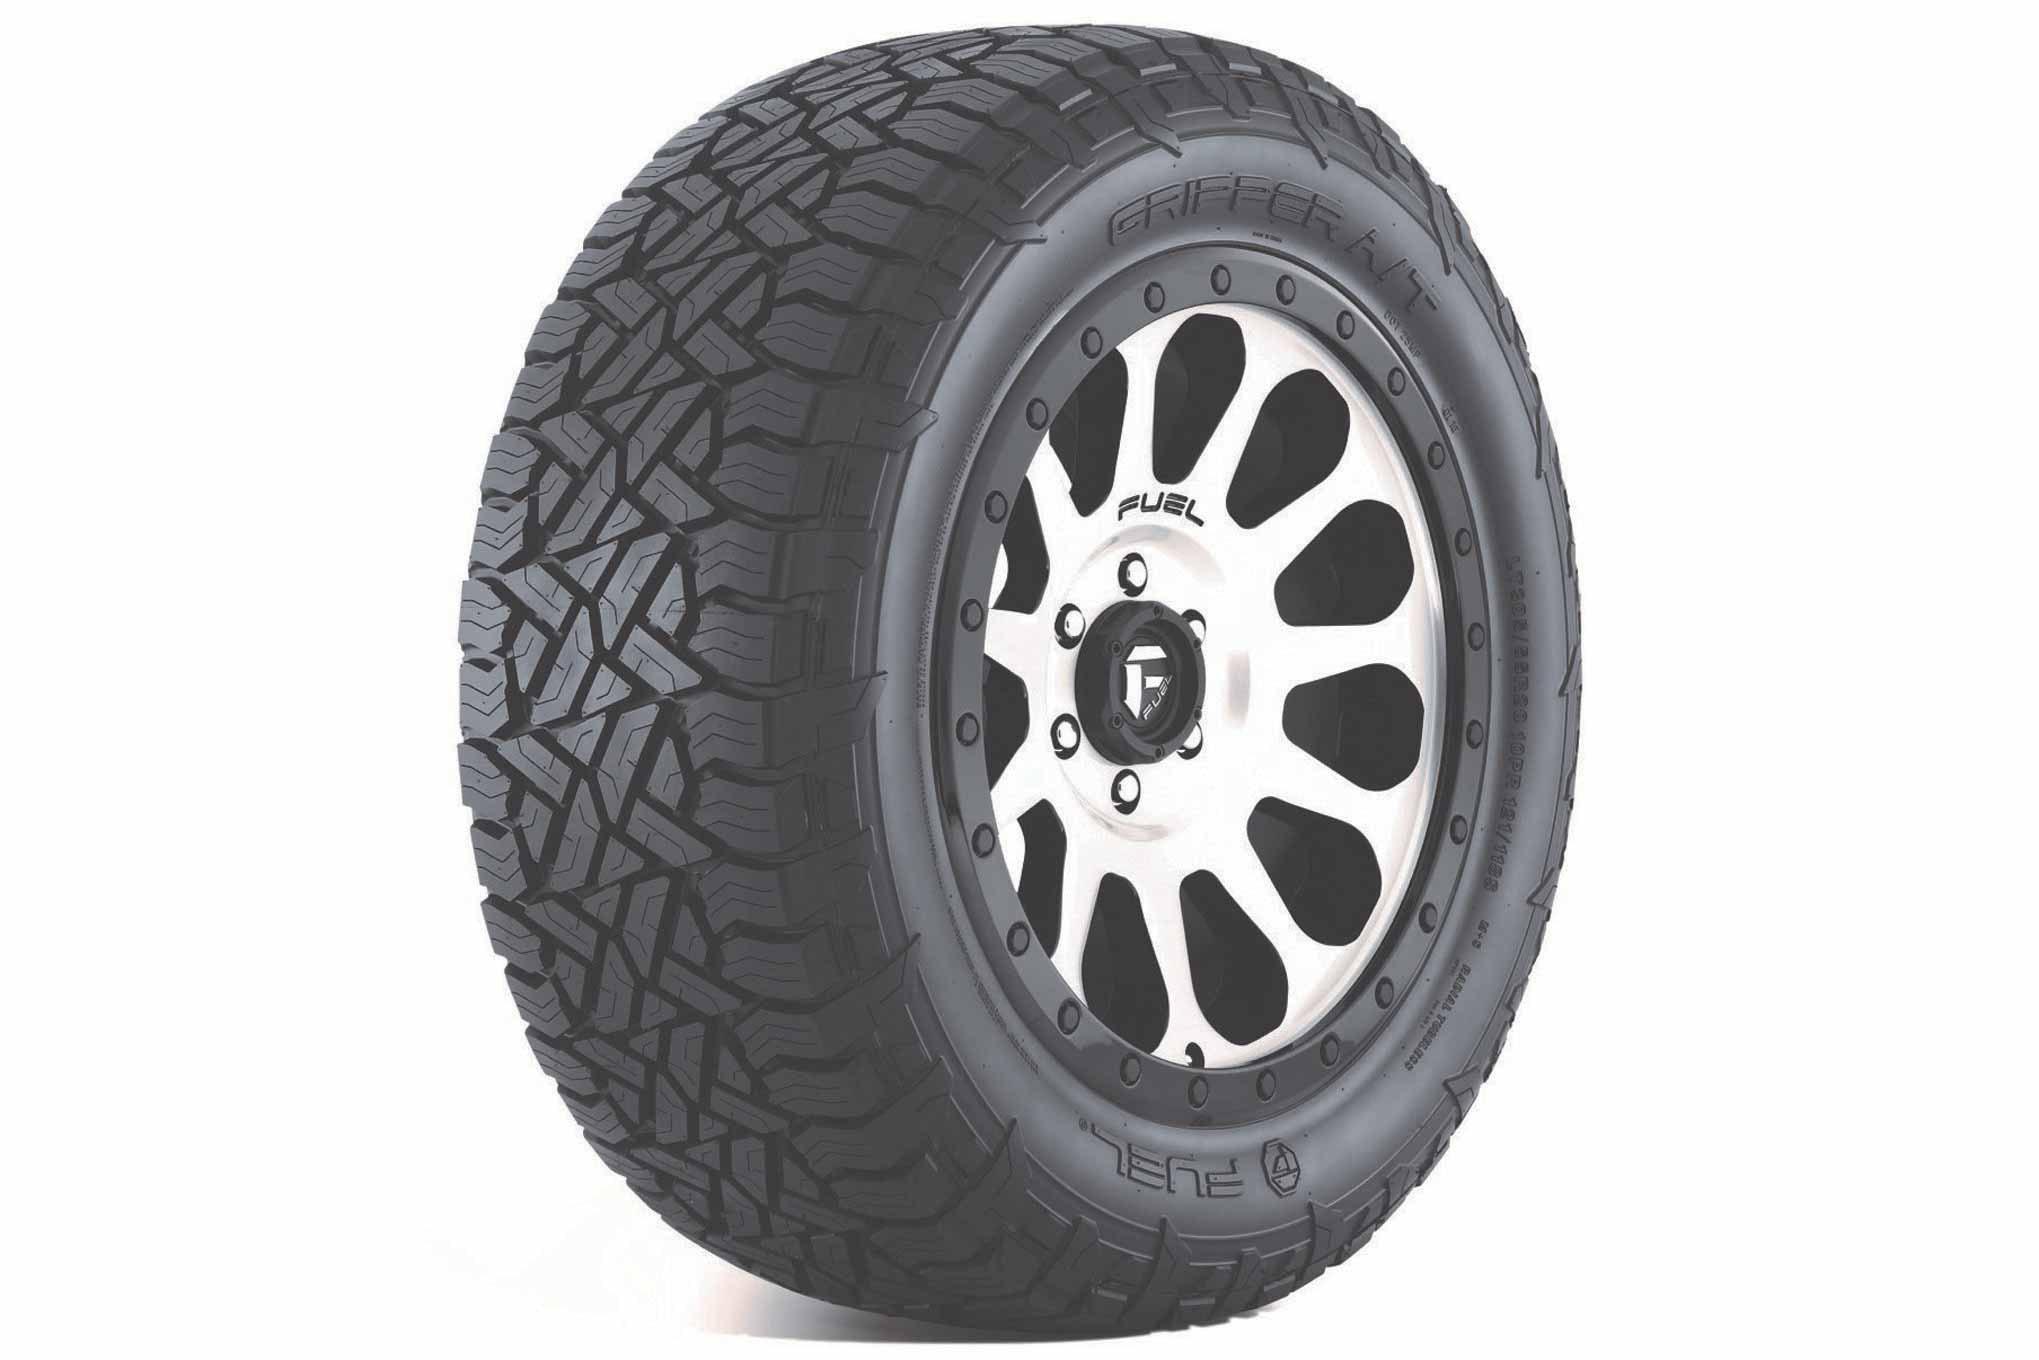 013 new tires fuel gripper